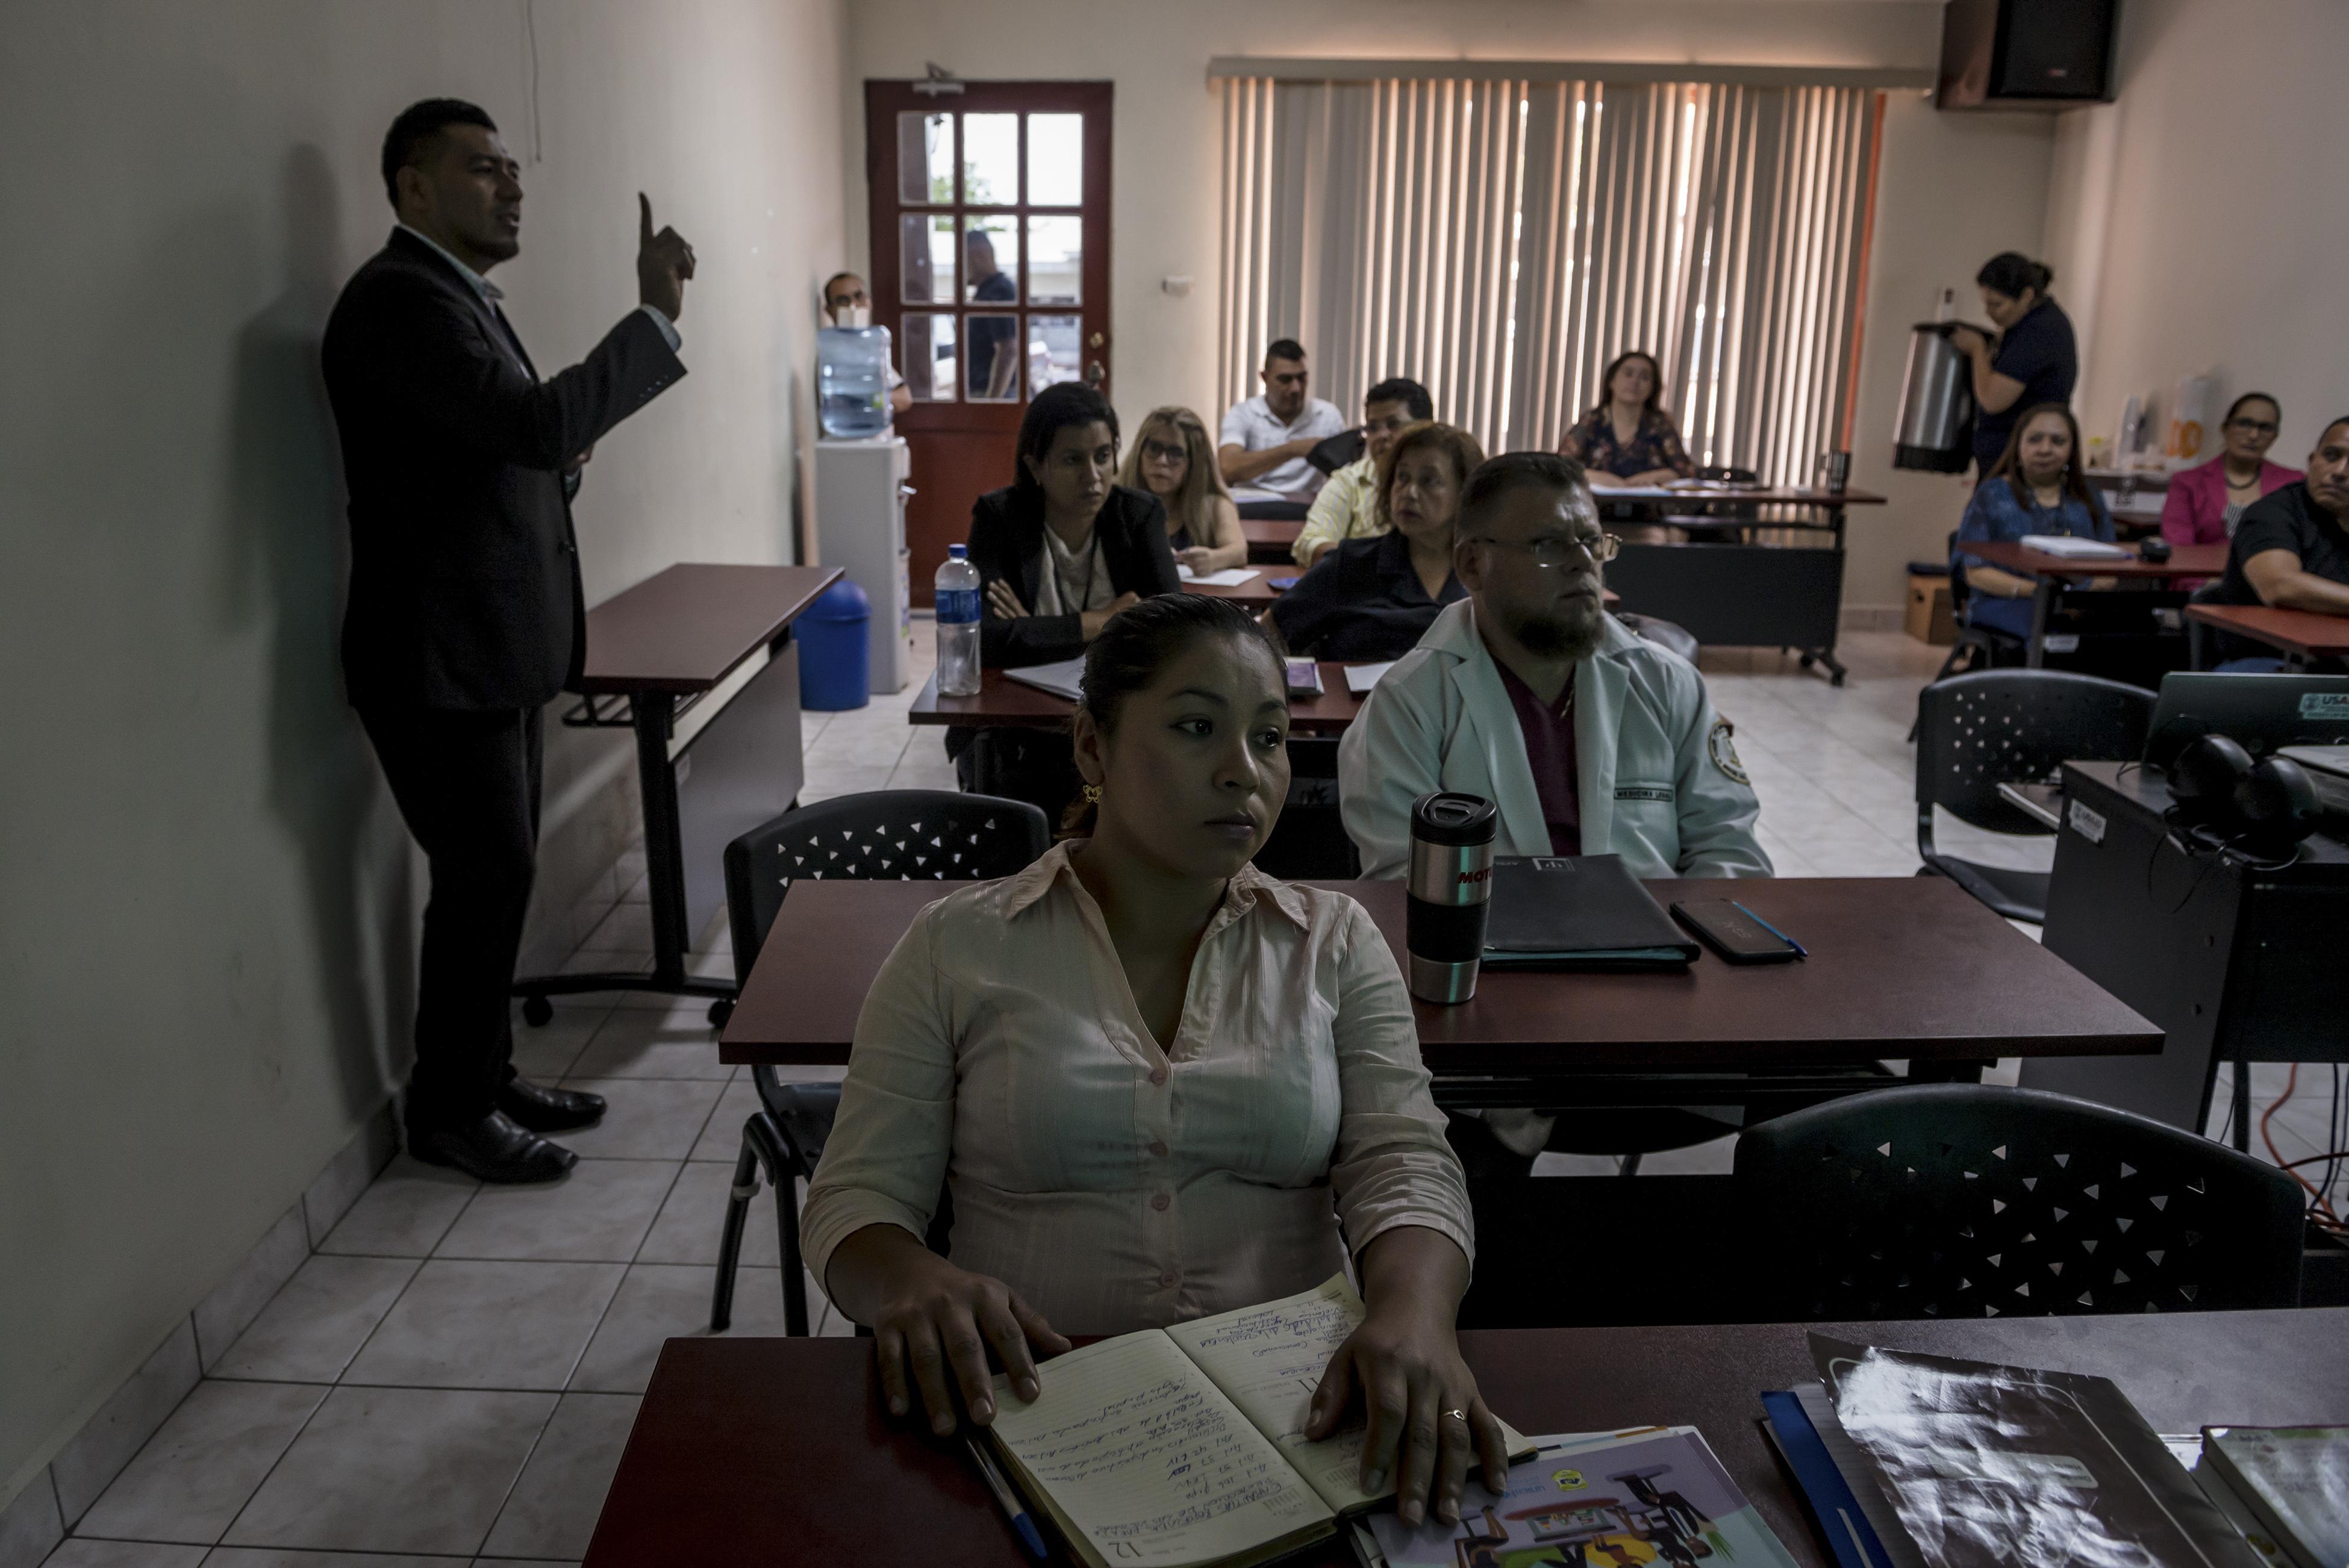 Empleados gubernamentales asistían a una clase sobre protección de víctimas como parte del Programa de Fortalecimiento de la Justicia financiado por Estados Unidos, en Sonsonate, El Salvador, el año pasado. (Meridith Kohut/The New York Times)